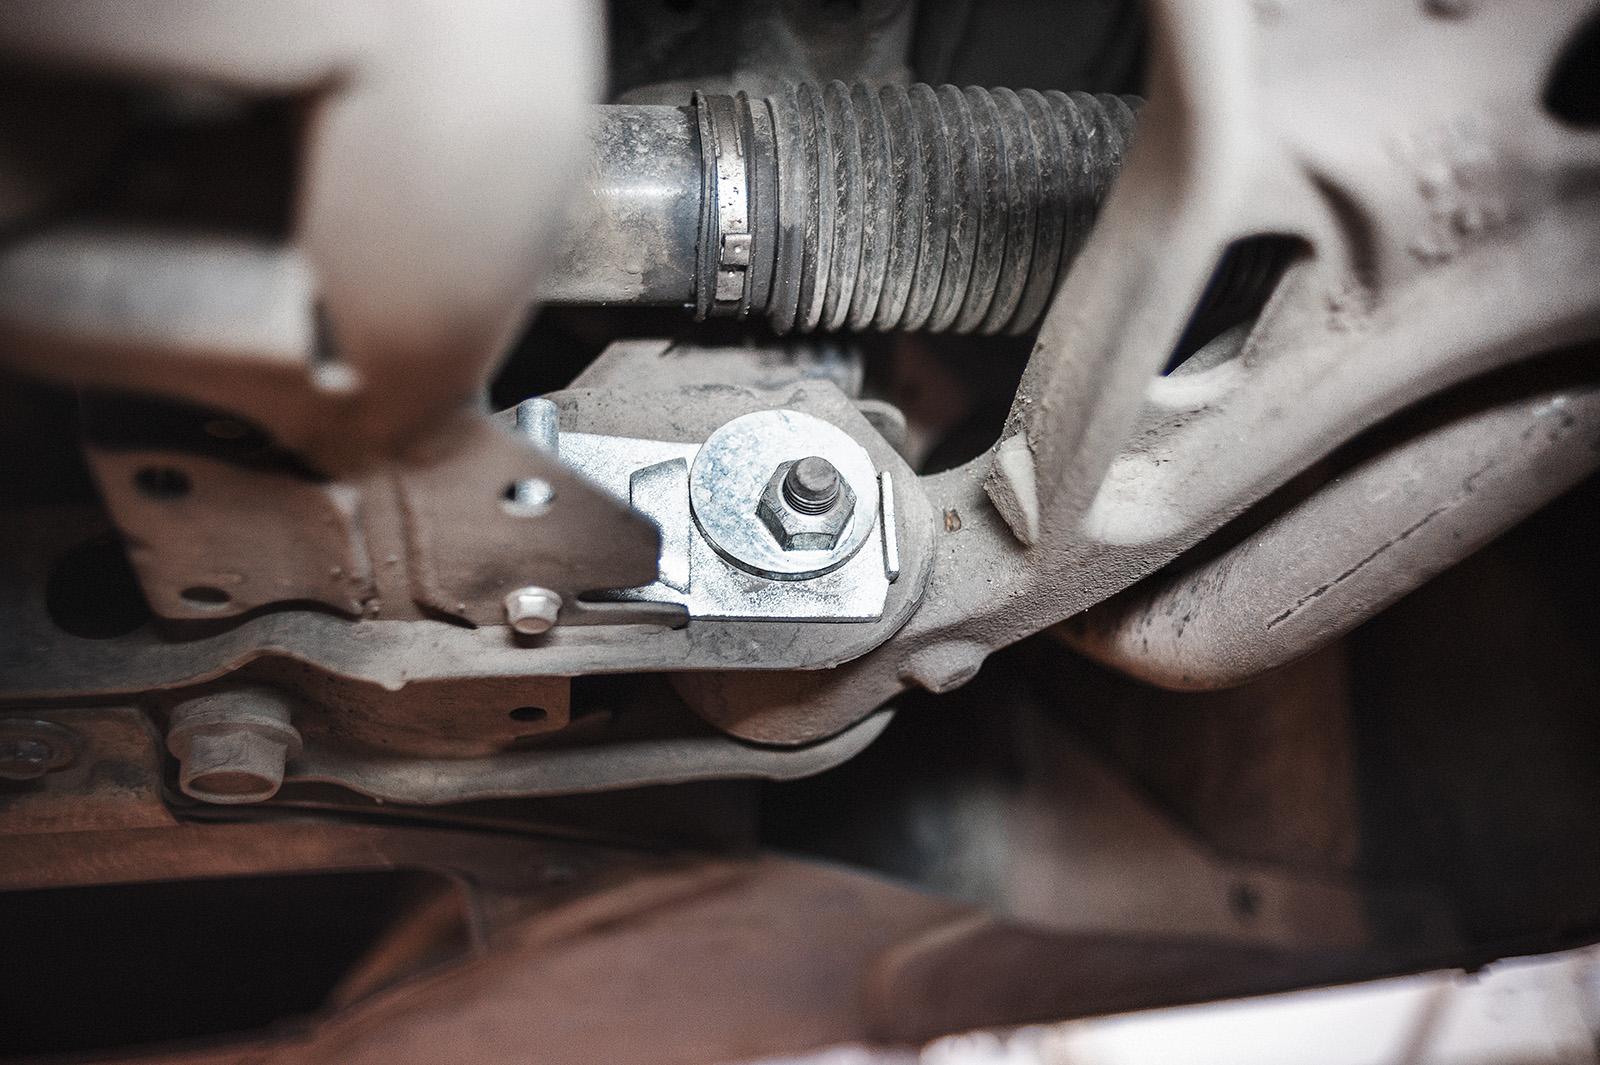 Комплект для регулировки переднего развала Джип Гранд Чероки СРТ8